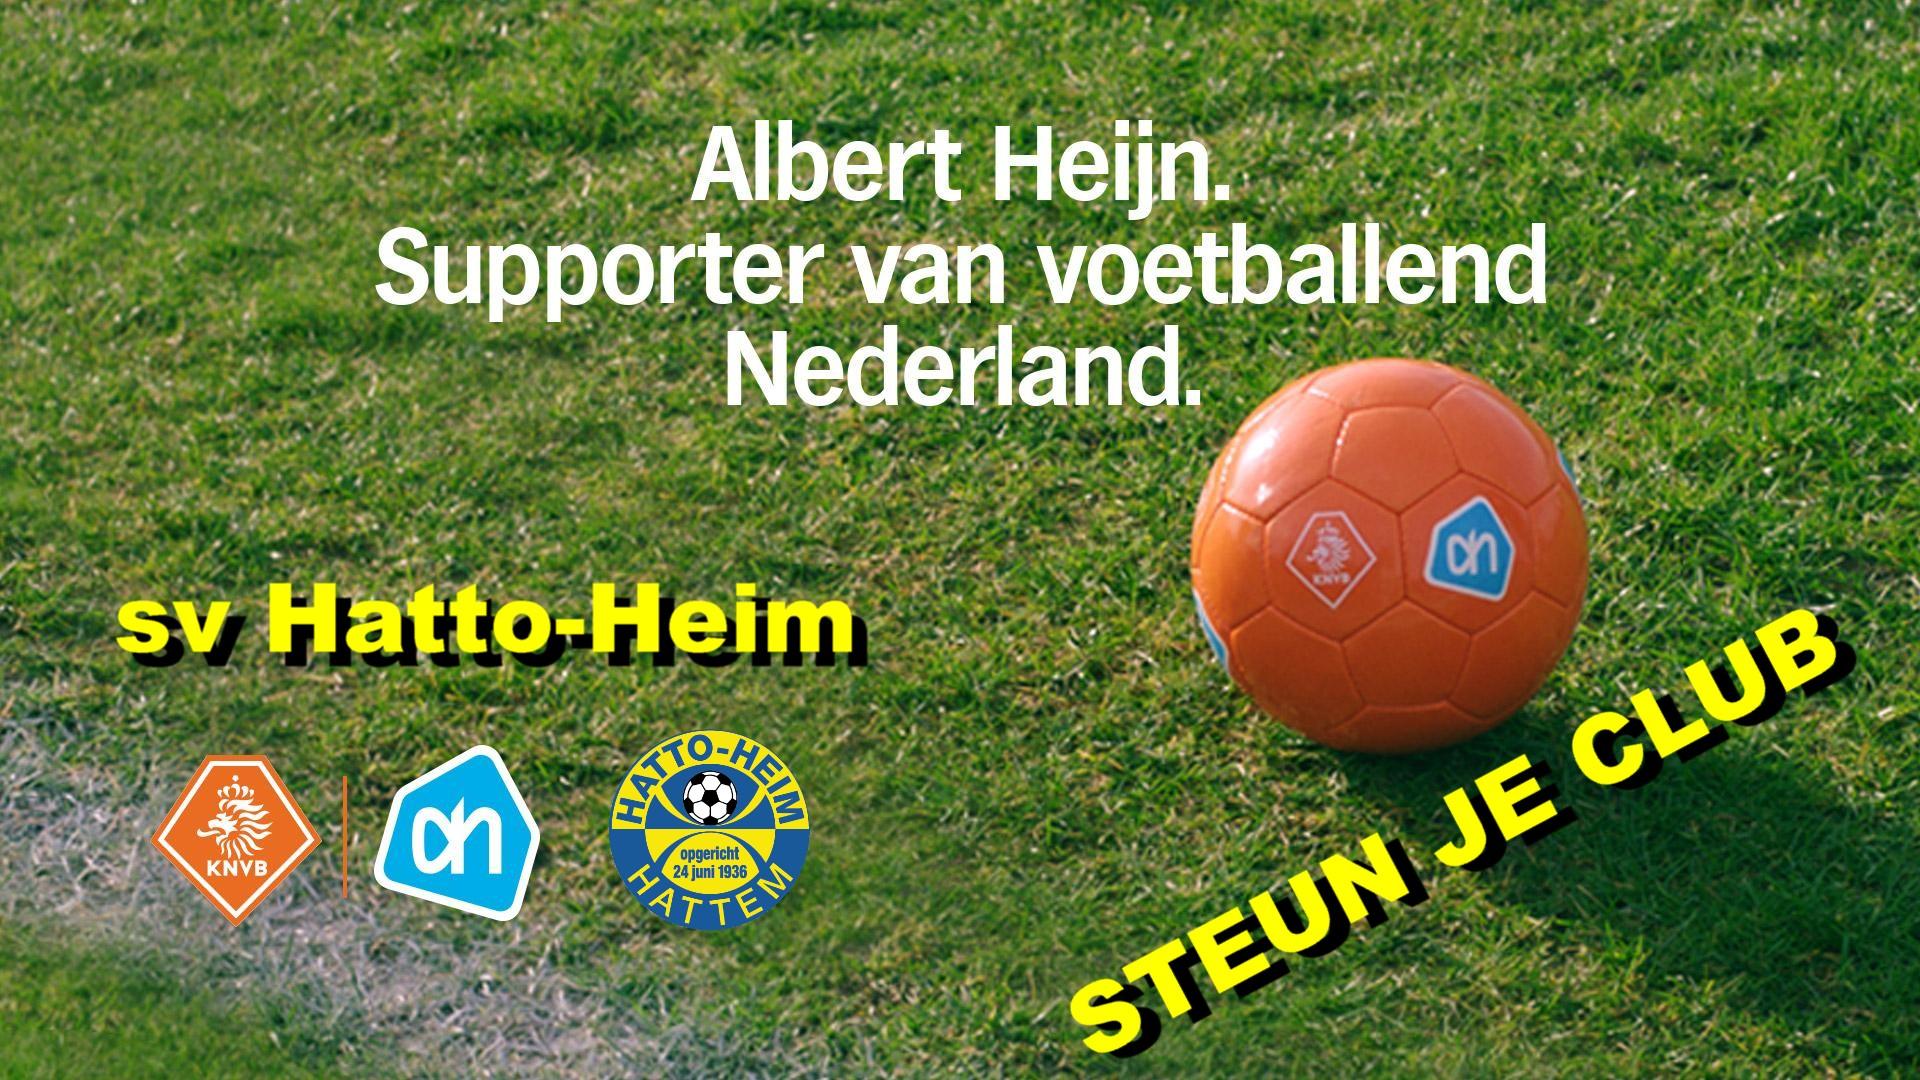 Campagne Voetbalpassie van de KNVB en Albert Heijn.